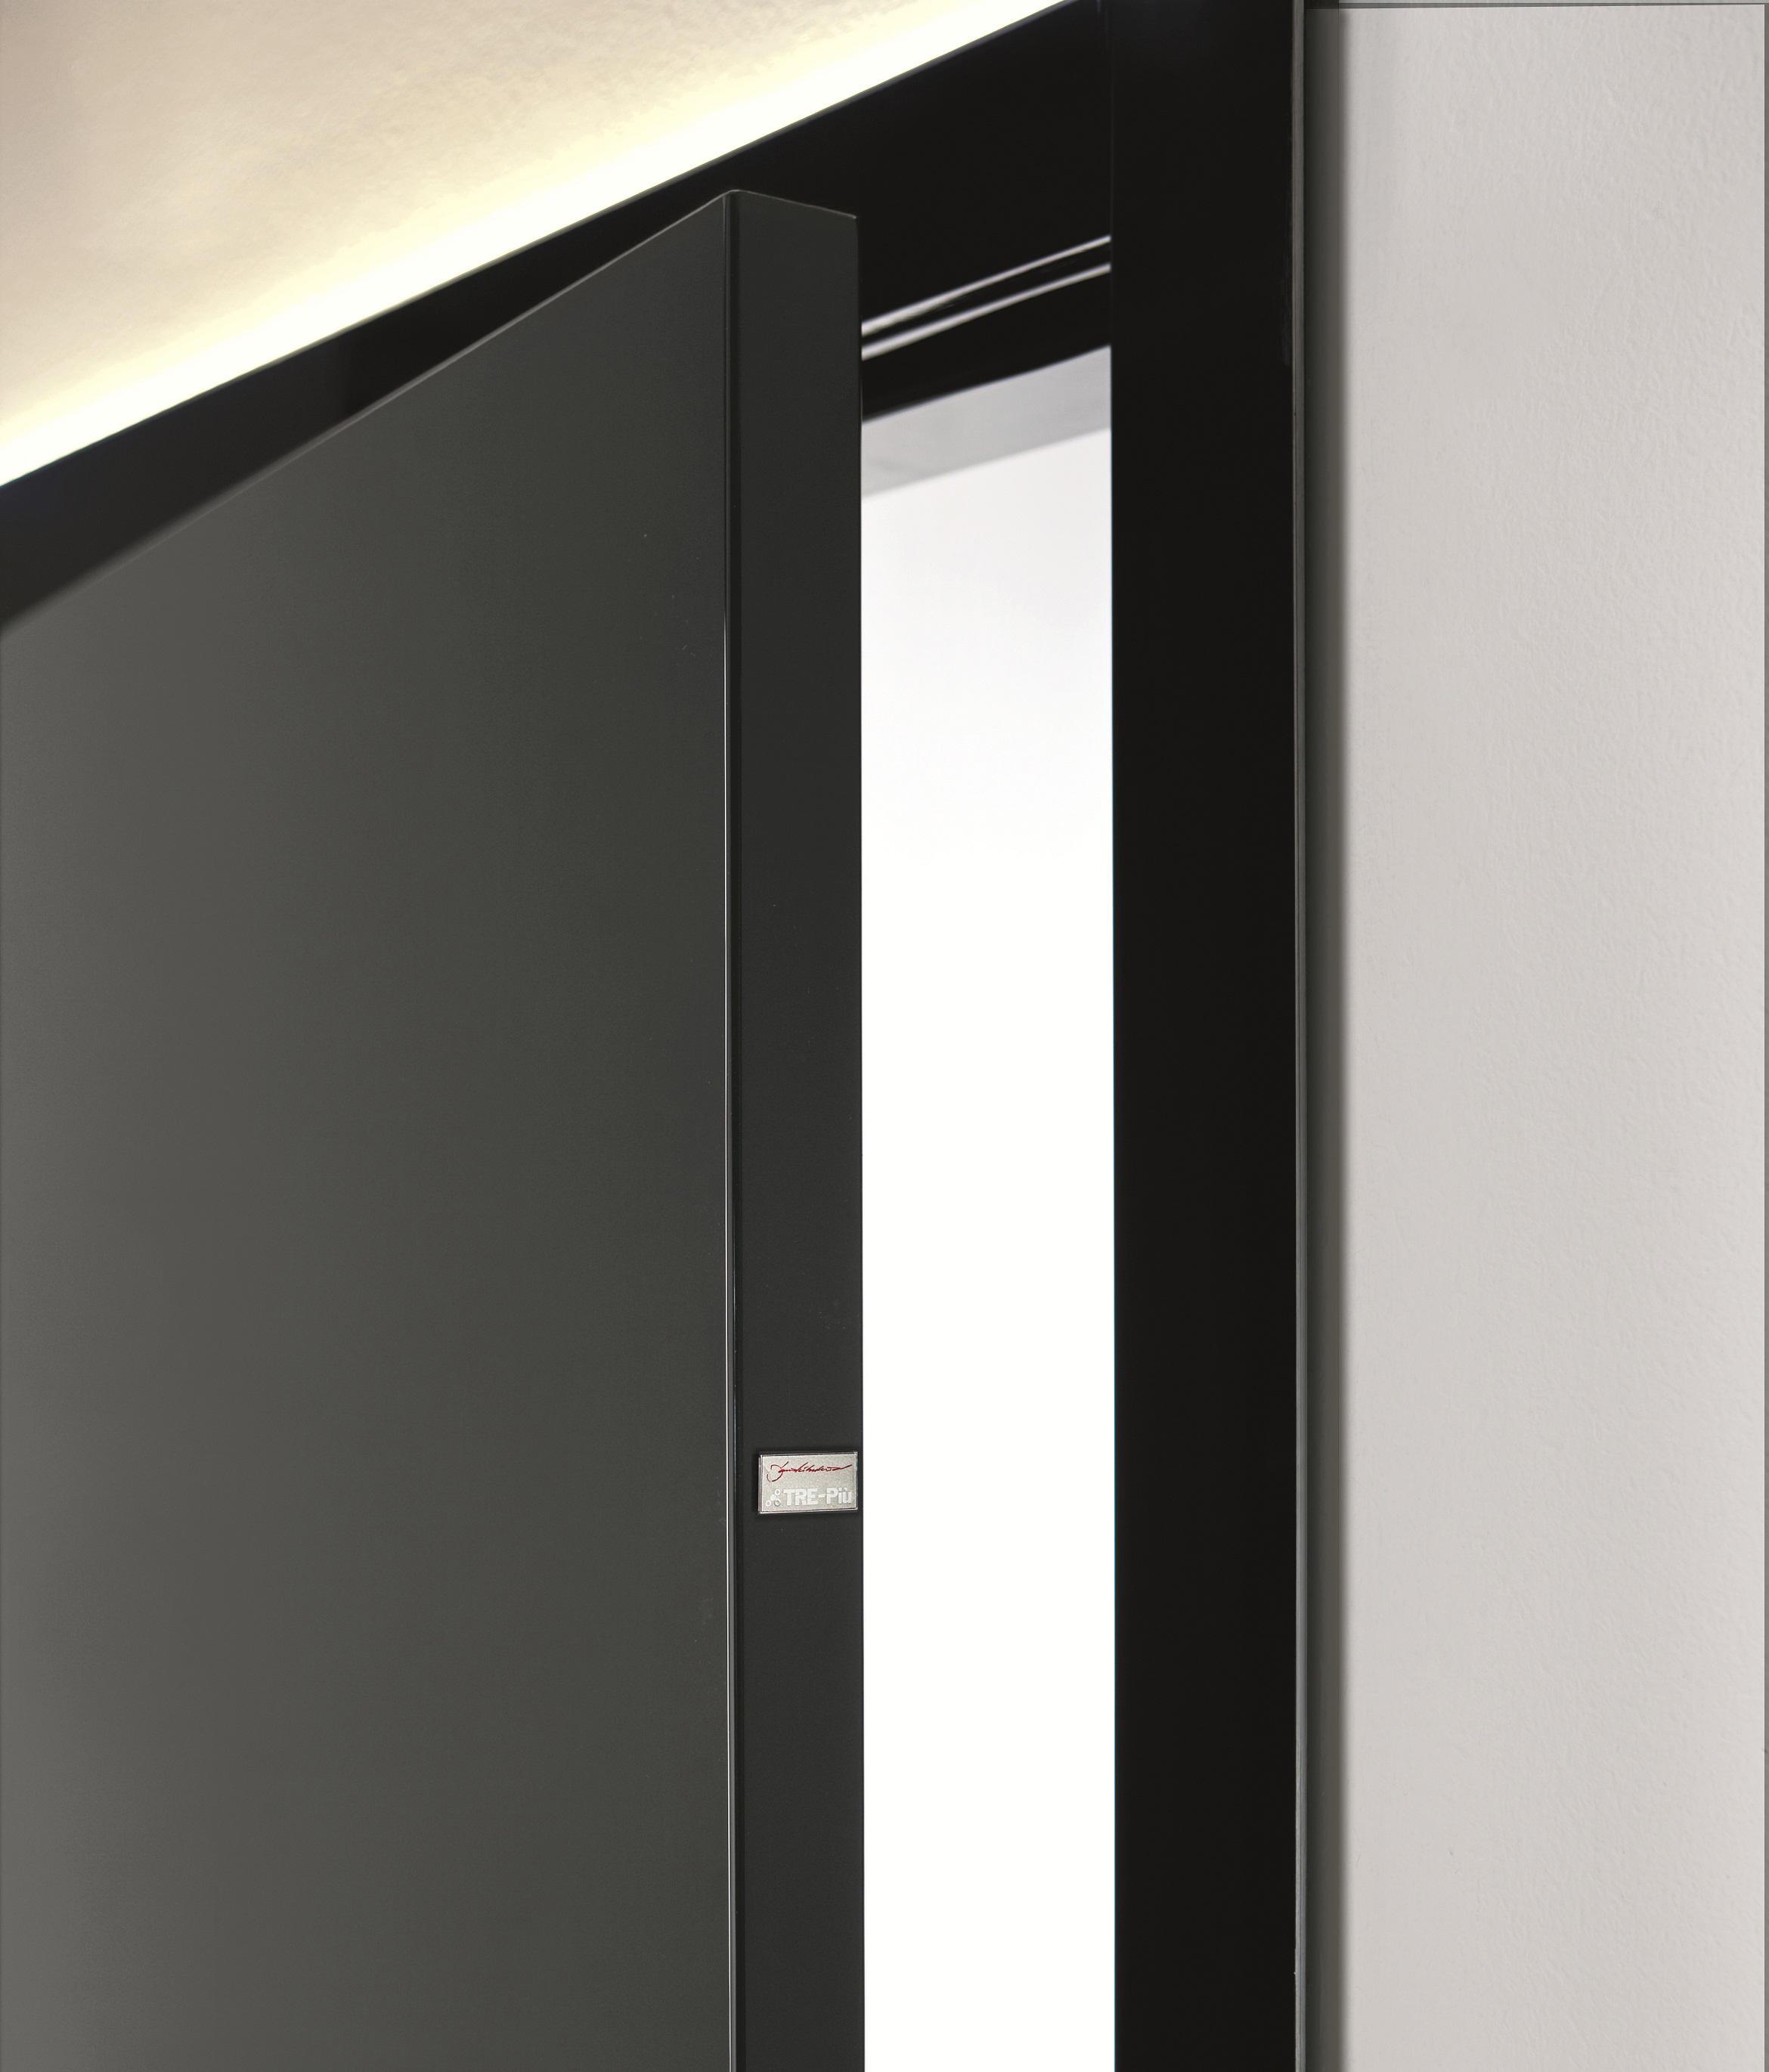 IDEA - Porte interni TRE-P & TRE-Più   Architonic